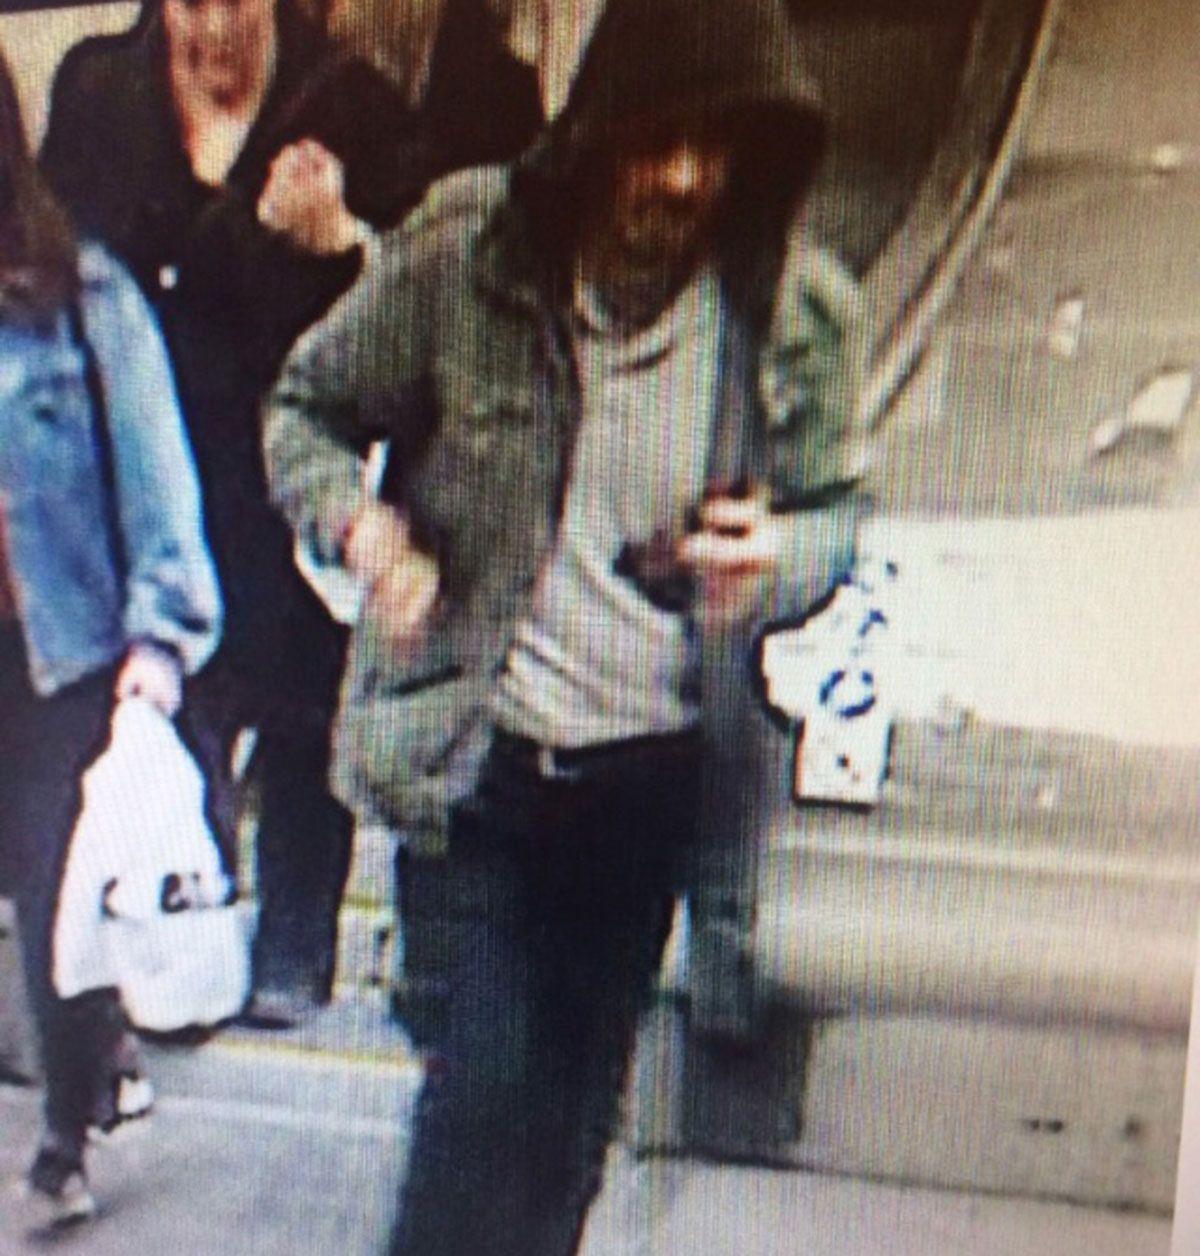 Полиция опубликовала фото подозреваемого в теракте в Стокгольме